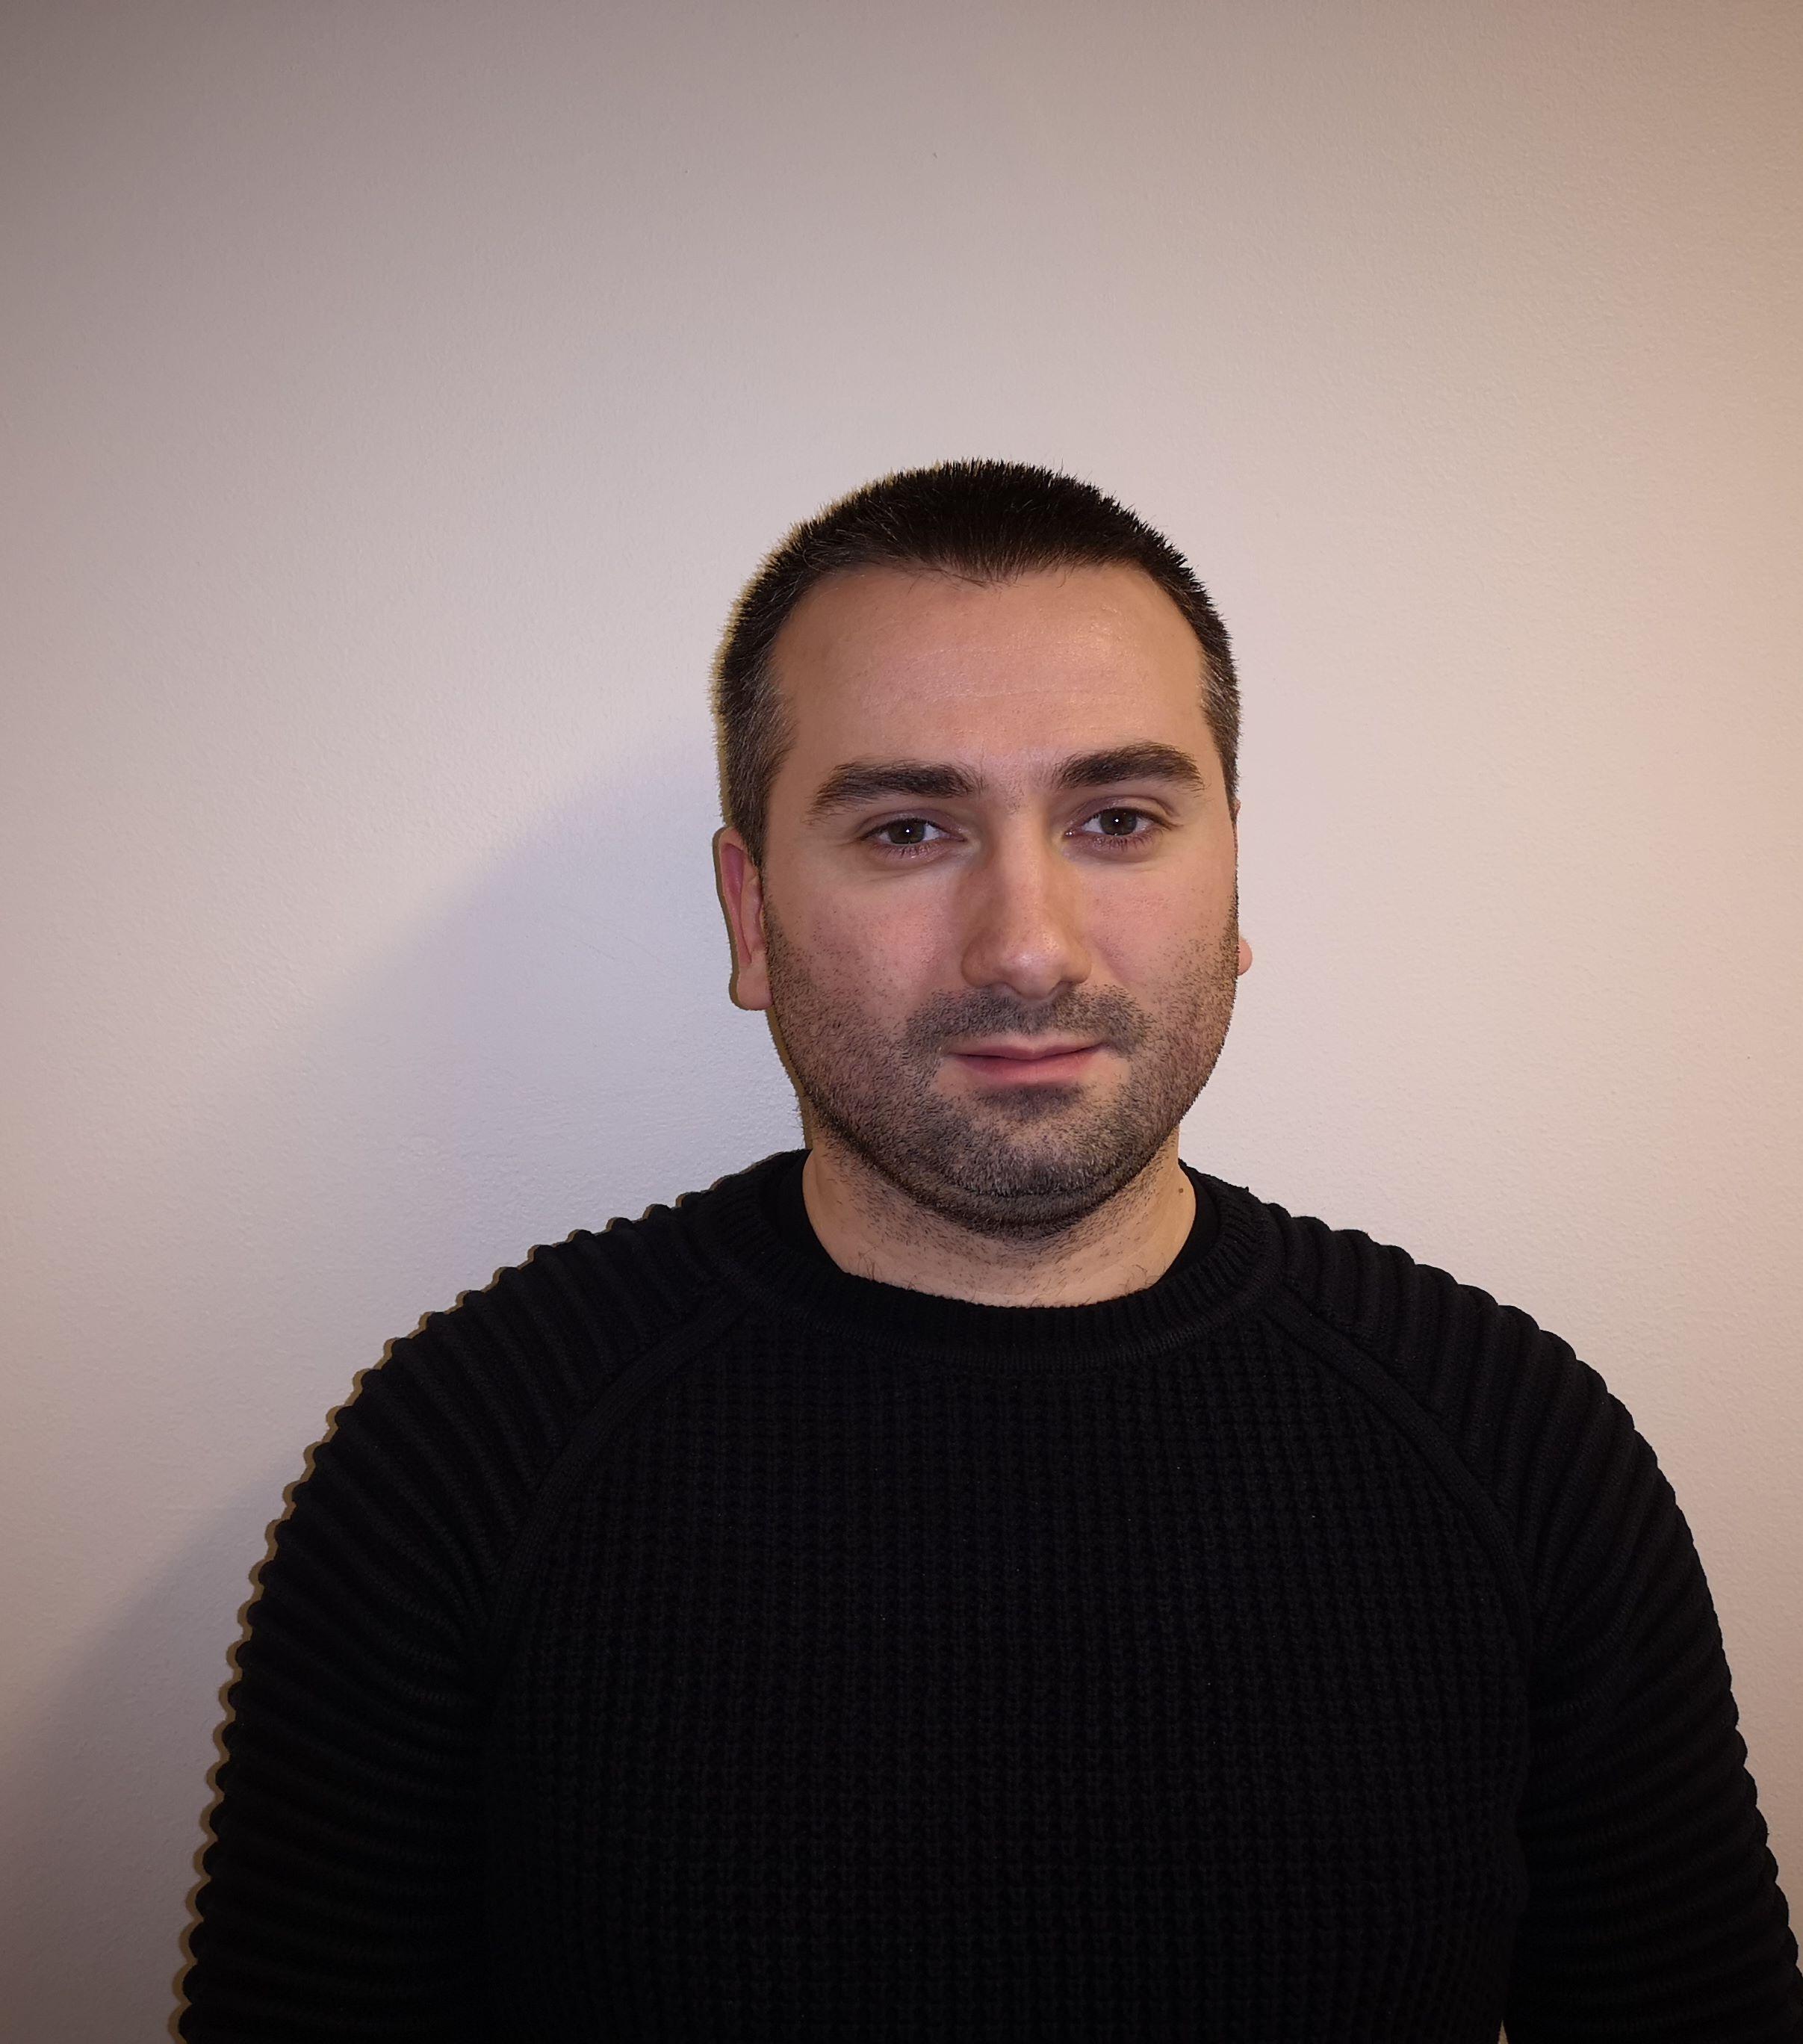 Bilde av Nikola Nicolic